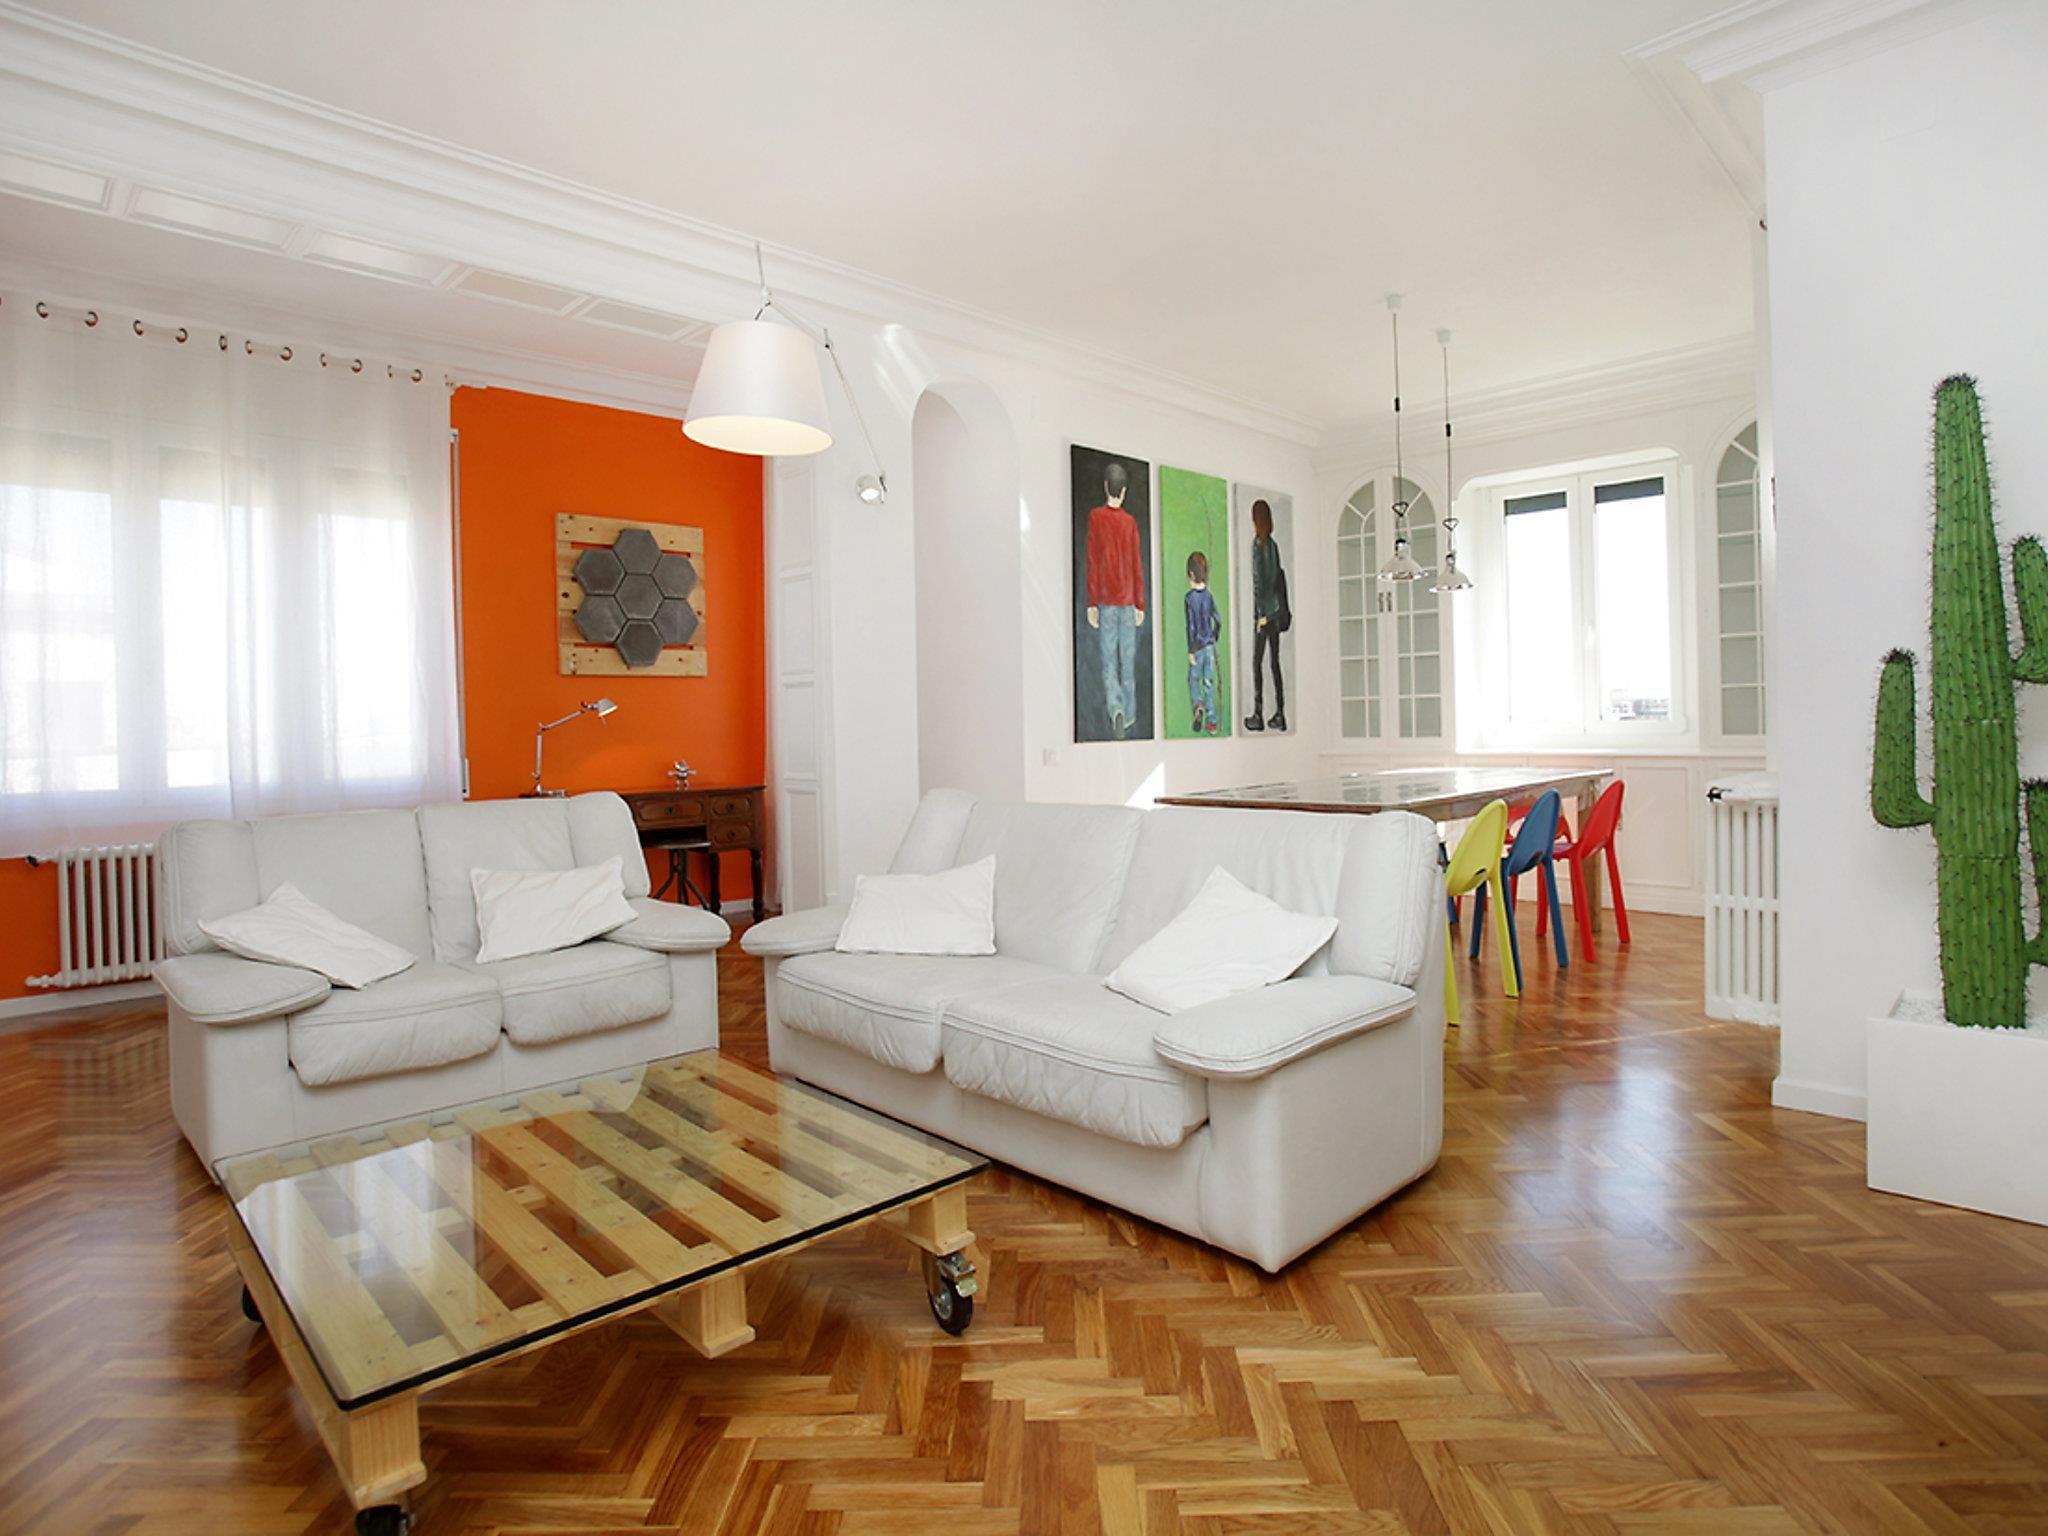 Roger de Lluria Passeig de Gracia 4 Bedroom Apartment Barcelona, Spain